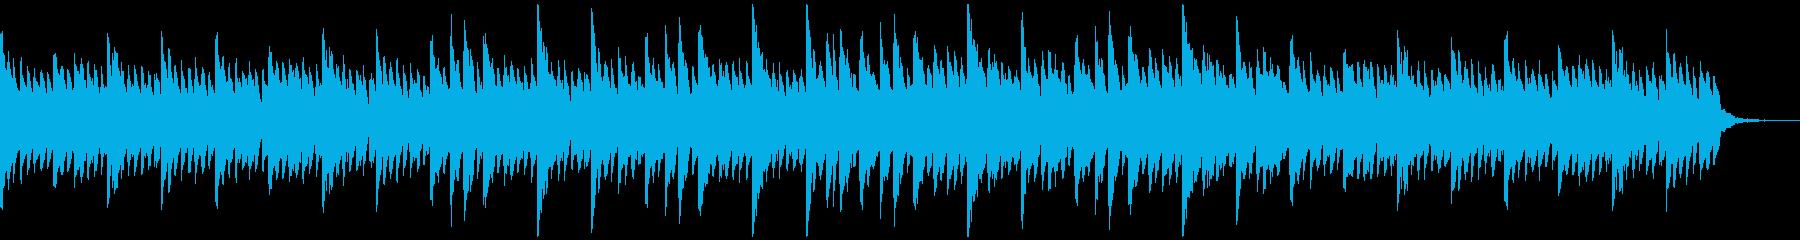 感動的でシンプルなピアノソロの再生済みの波形